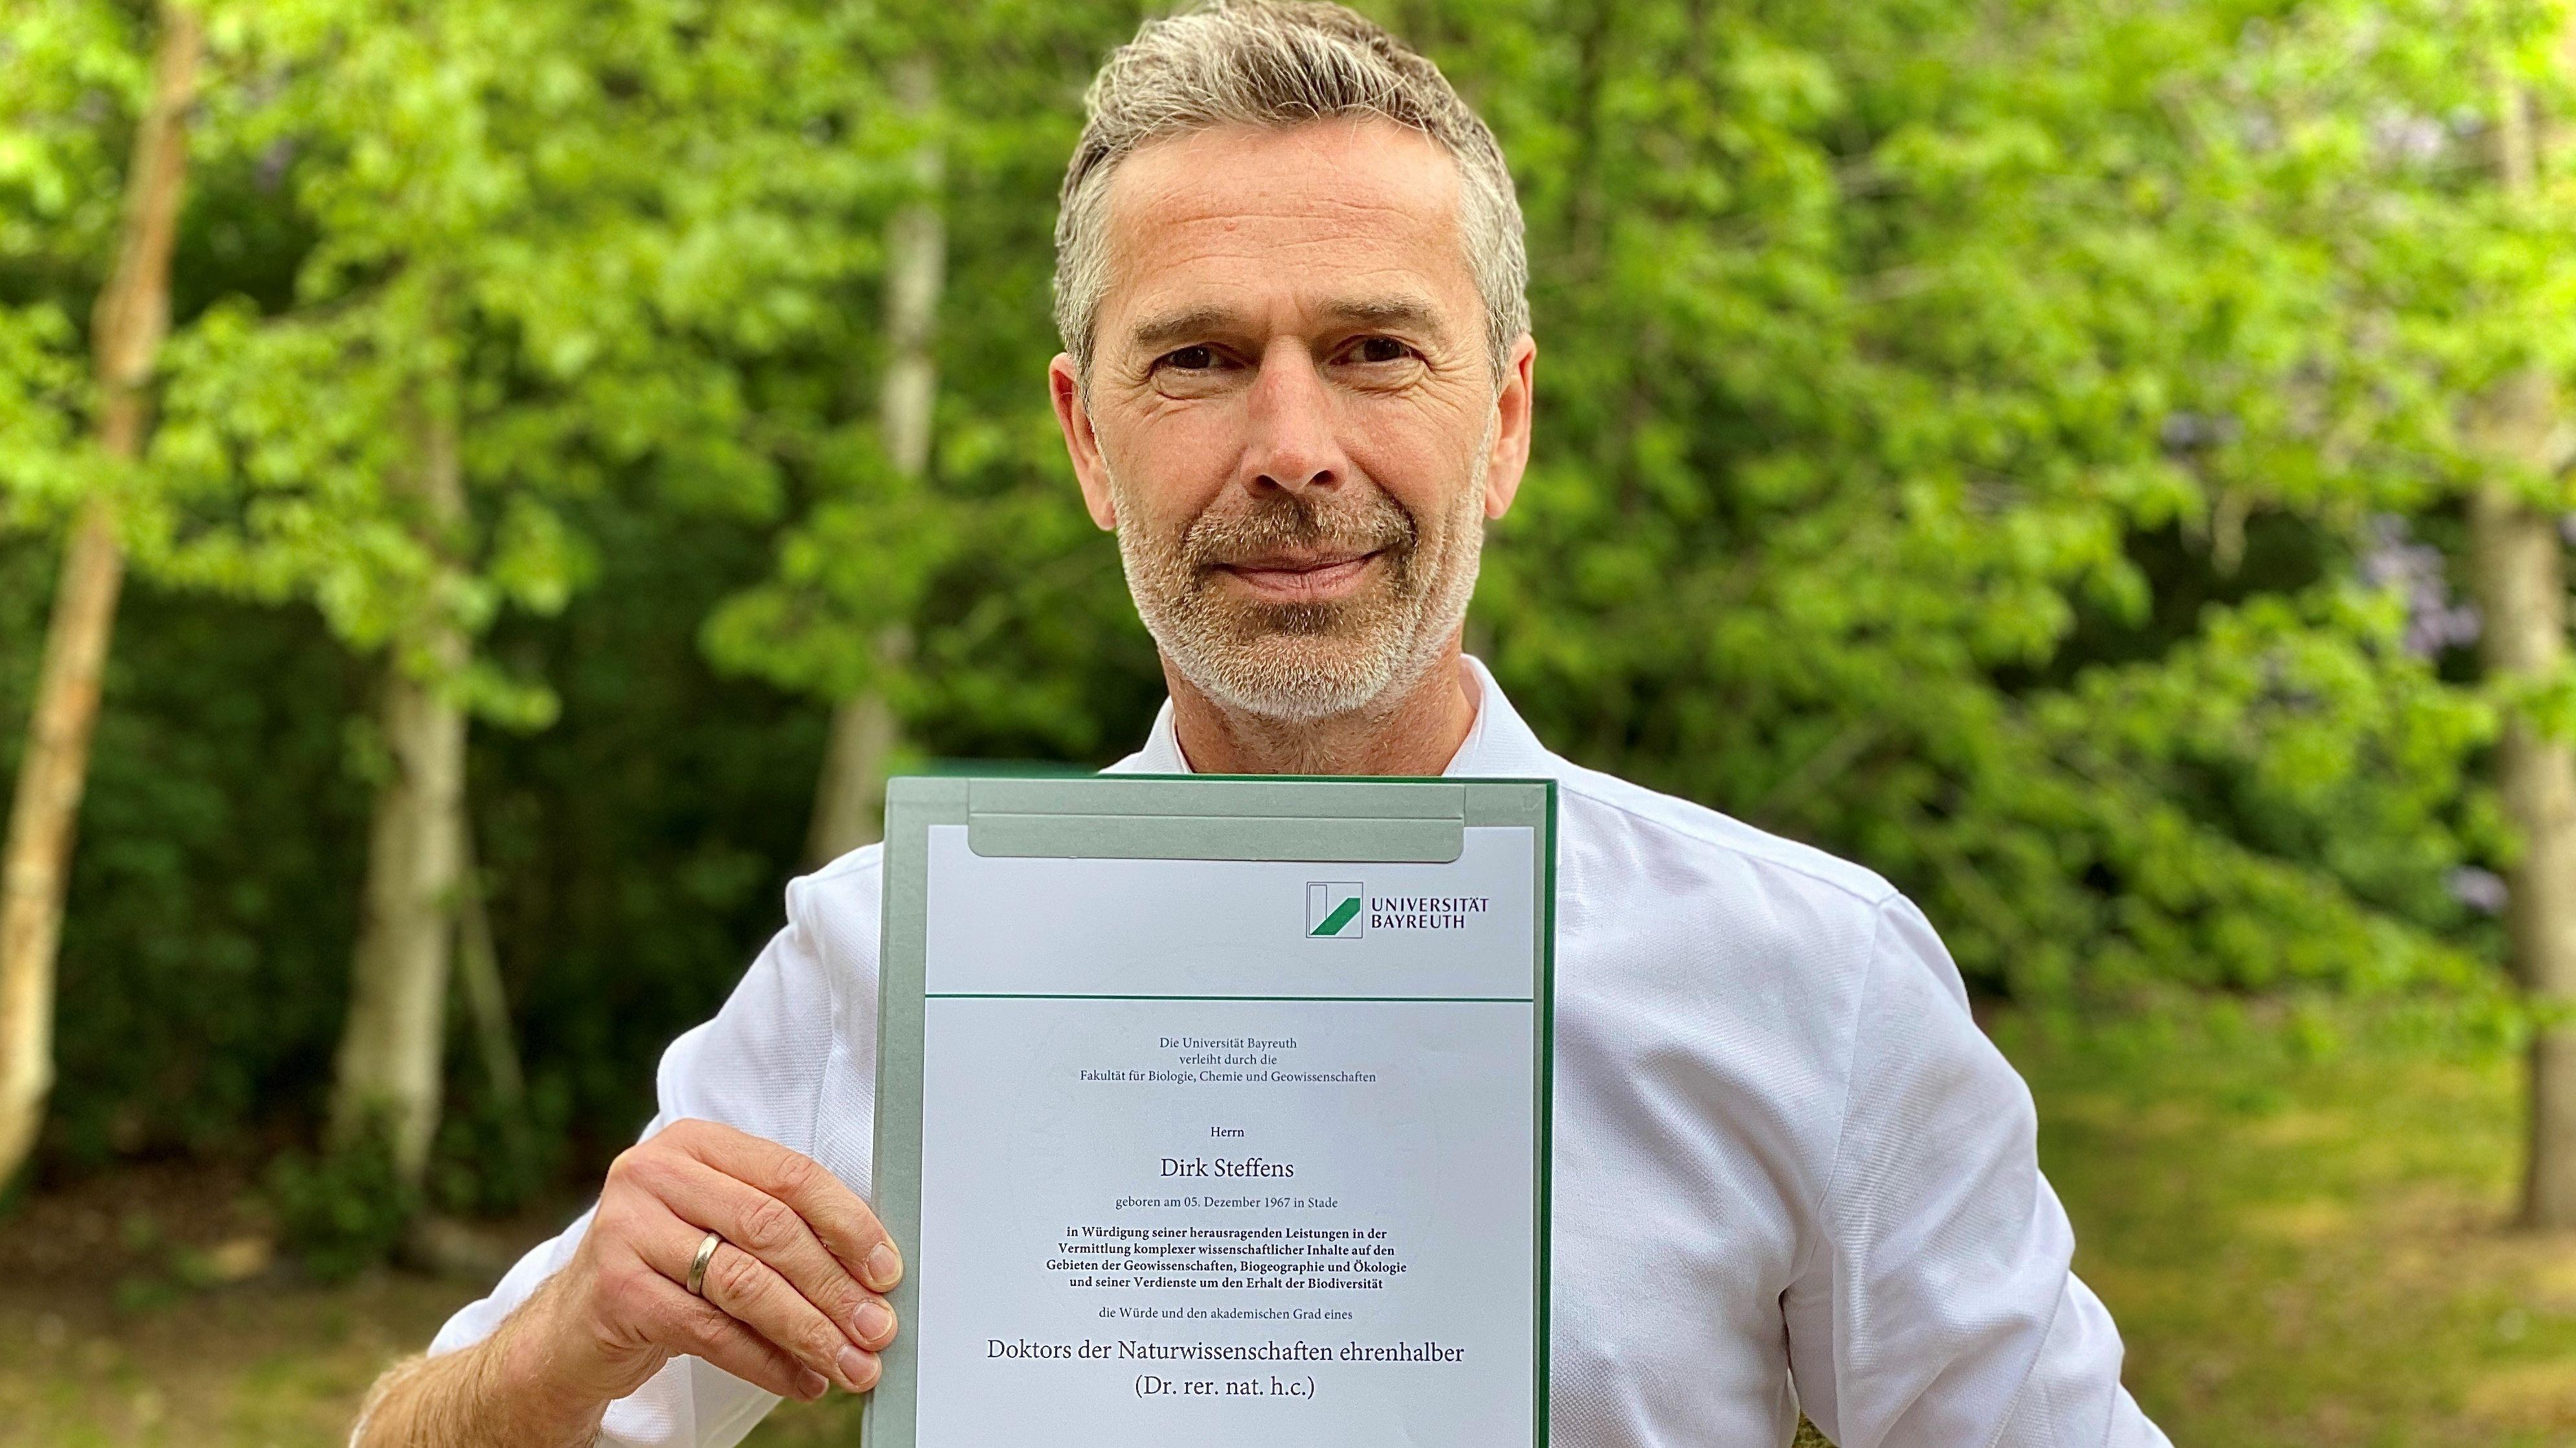 TV-Moderator und Wissenschaftskommunikator Dirk Steffens mit der Urkunde, die die Ehrendoktorwürde der Universität Bayreuth dokumentiert.